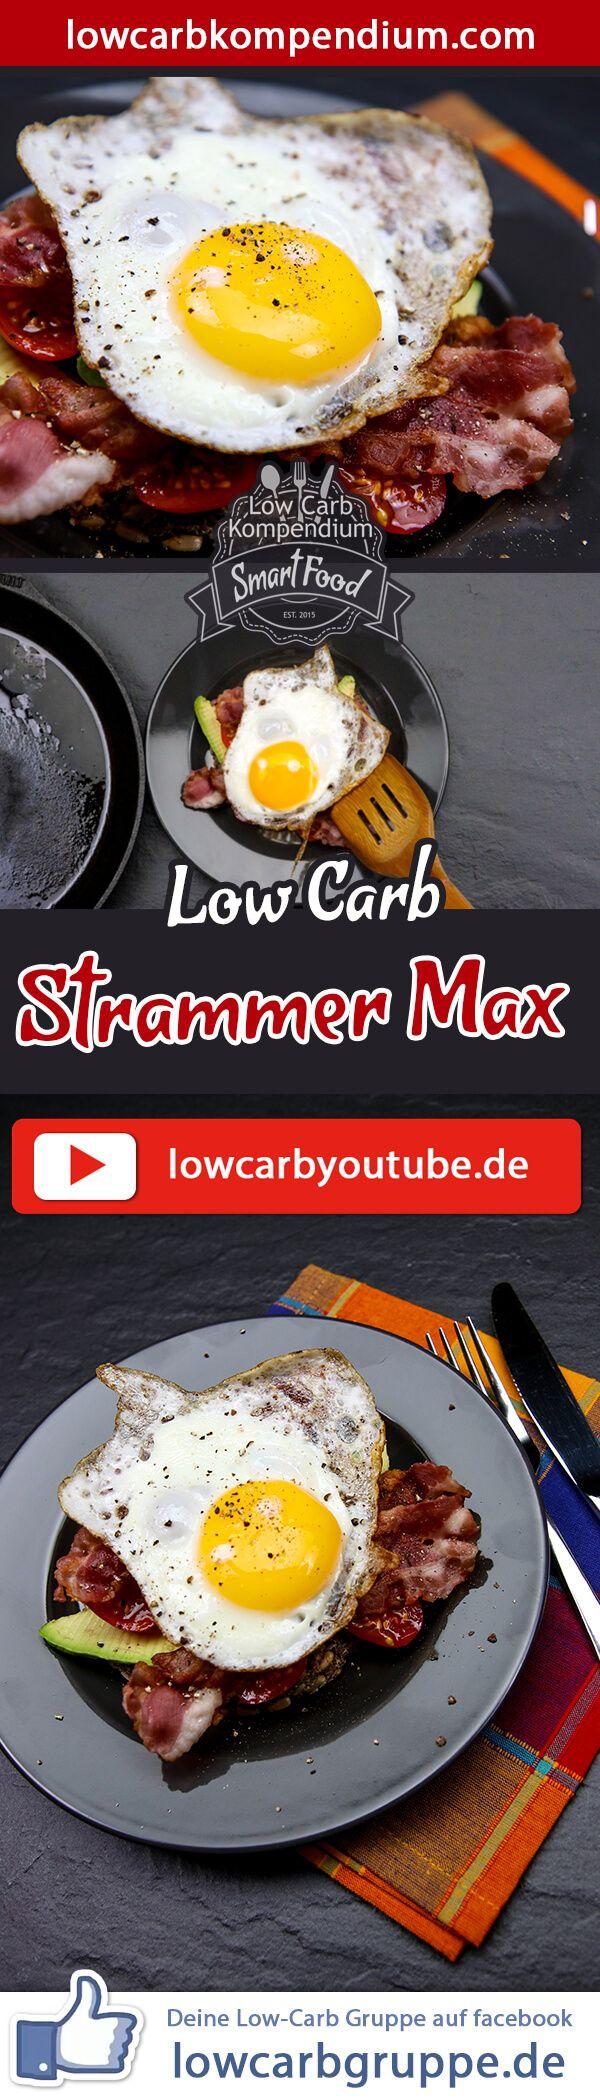 (Low Carb Kompendium) – Der Stramme Max ist ein simples Gericht, das nie fehl am Platz ist! Dieses Rezept zeigt dir, wie du eine fast genau so simple Low-Carb Variante des klassischen Brot-Gerichtes zauberst.    Und nun wünschen wir dir viel Spaß beim Nachkochen, LG Andy & Diana.